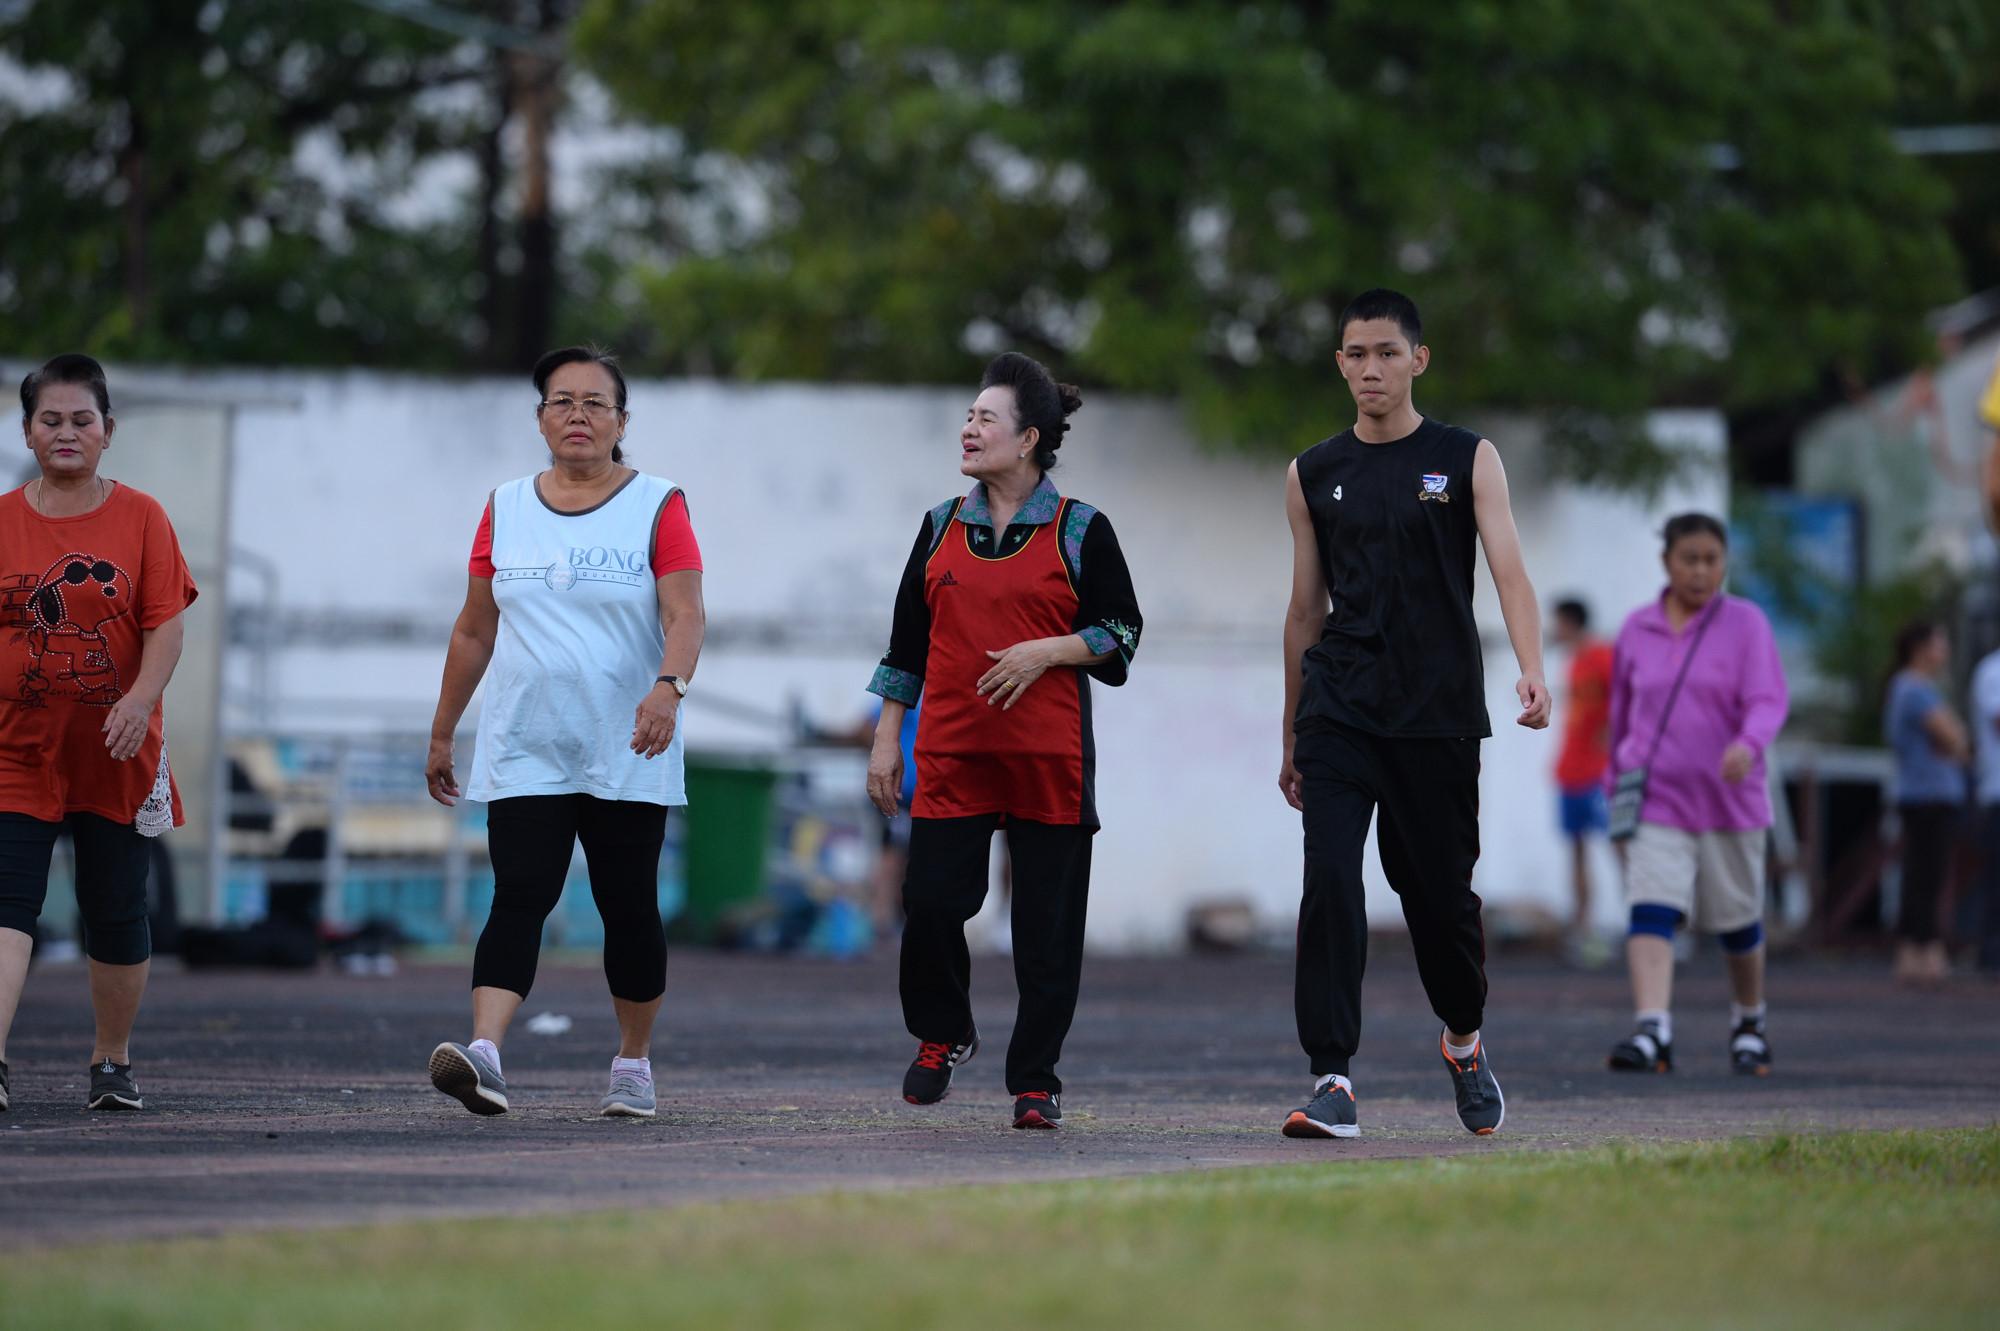 Tuyển Việt Nam tập chung sân với người dân đi tập thể dục Ảnh 4